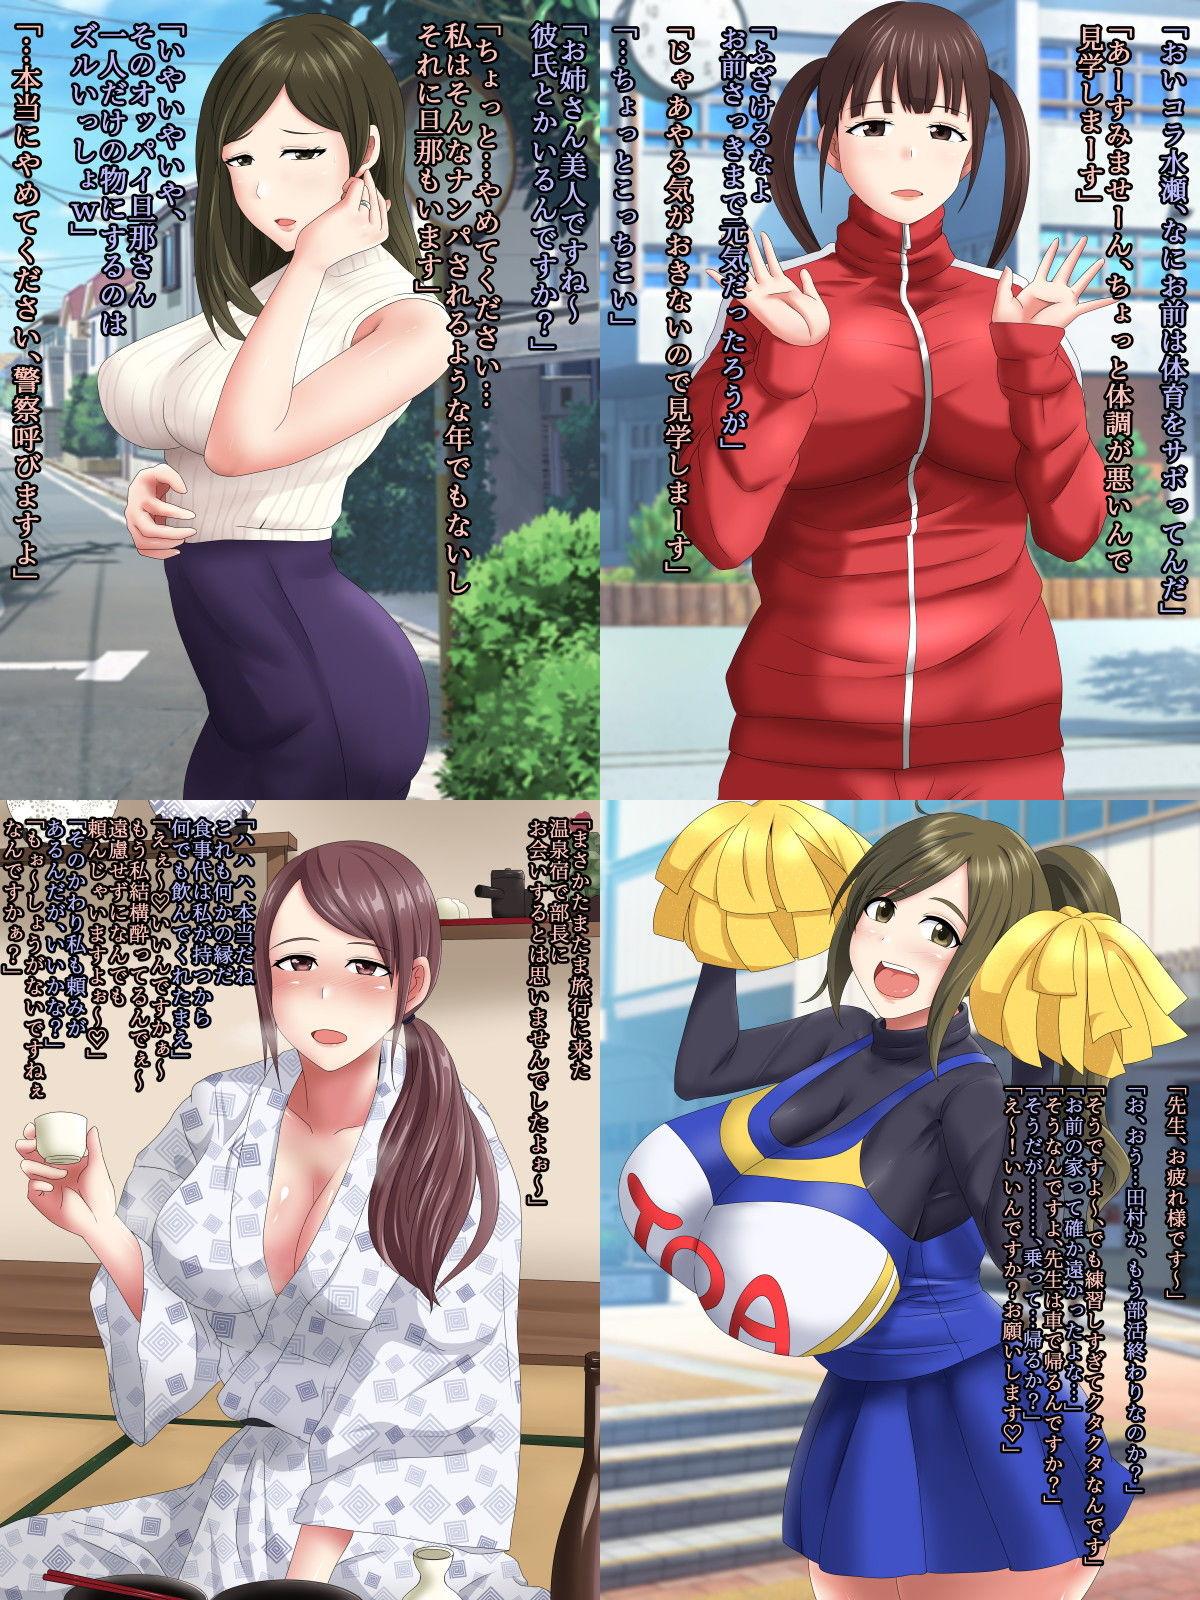 即堕ち2コマランドIII〜巨乳篇〜